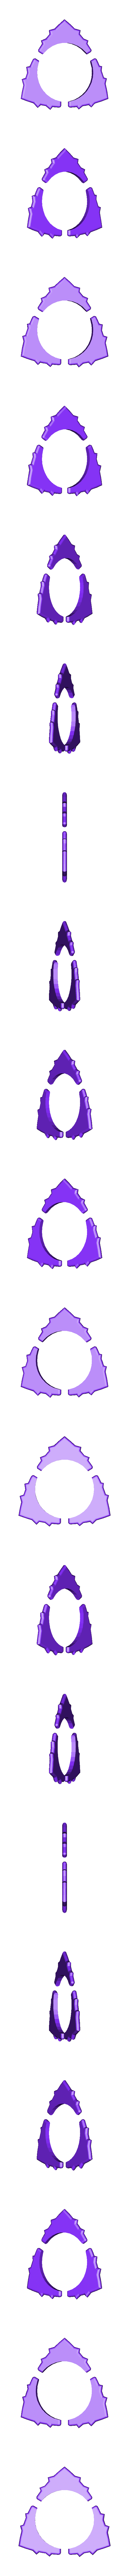 Flex TRIANGLE-DENT 1'50 030520 08.stl Télécharger fichier STL gratuit FlexiPick TRIANGLE-DENT guitare électrique flexible 3D PLA et TPU • Plan pour imprimante 3D, carleslluisar